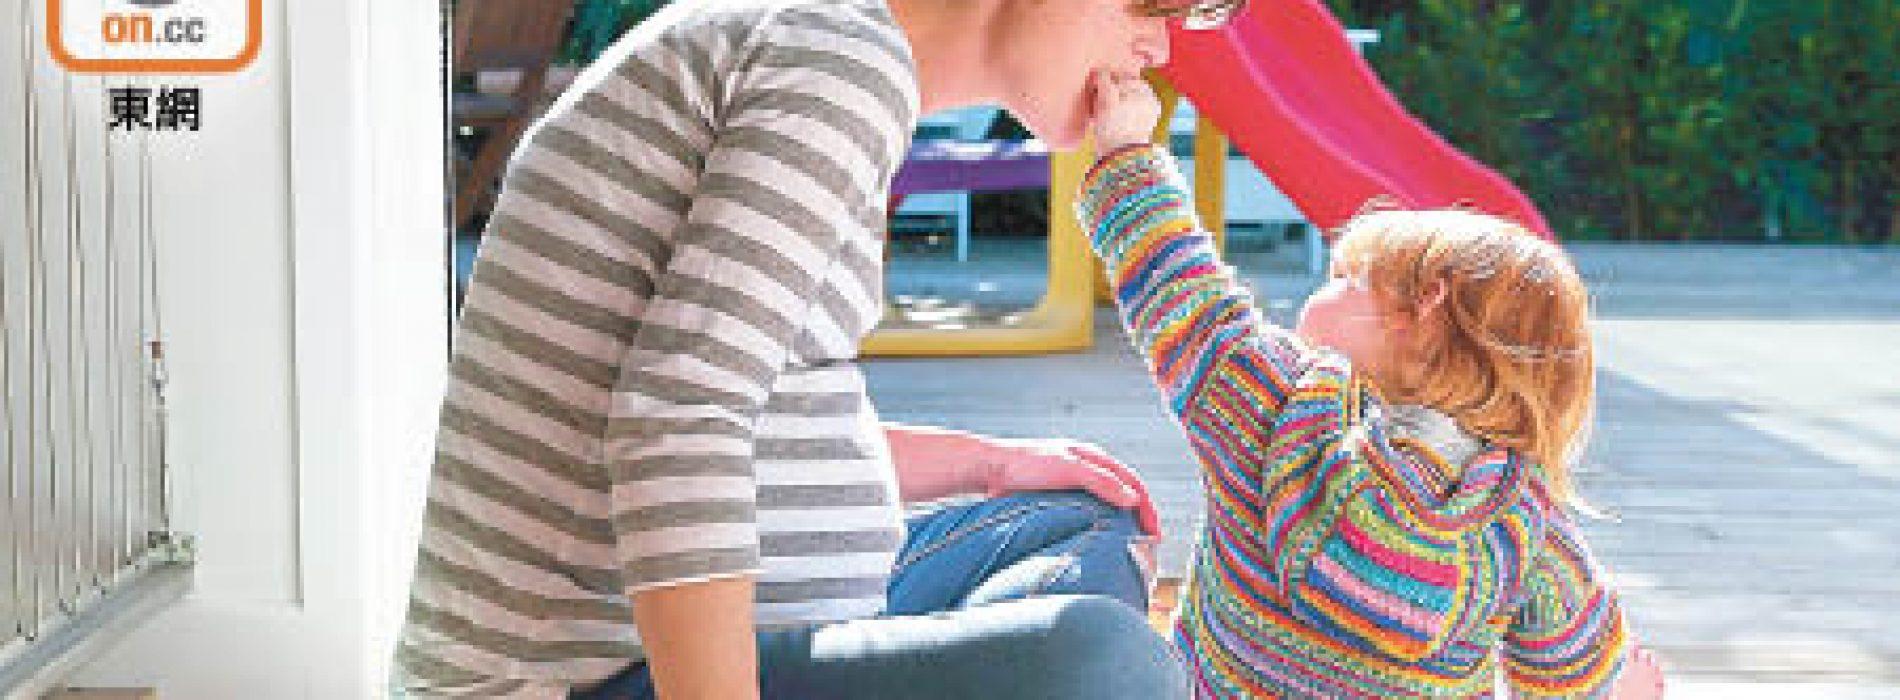 冬季嬰兒較少患麥麩不耐症